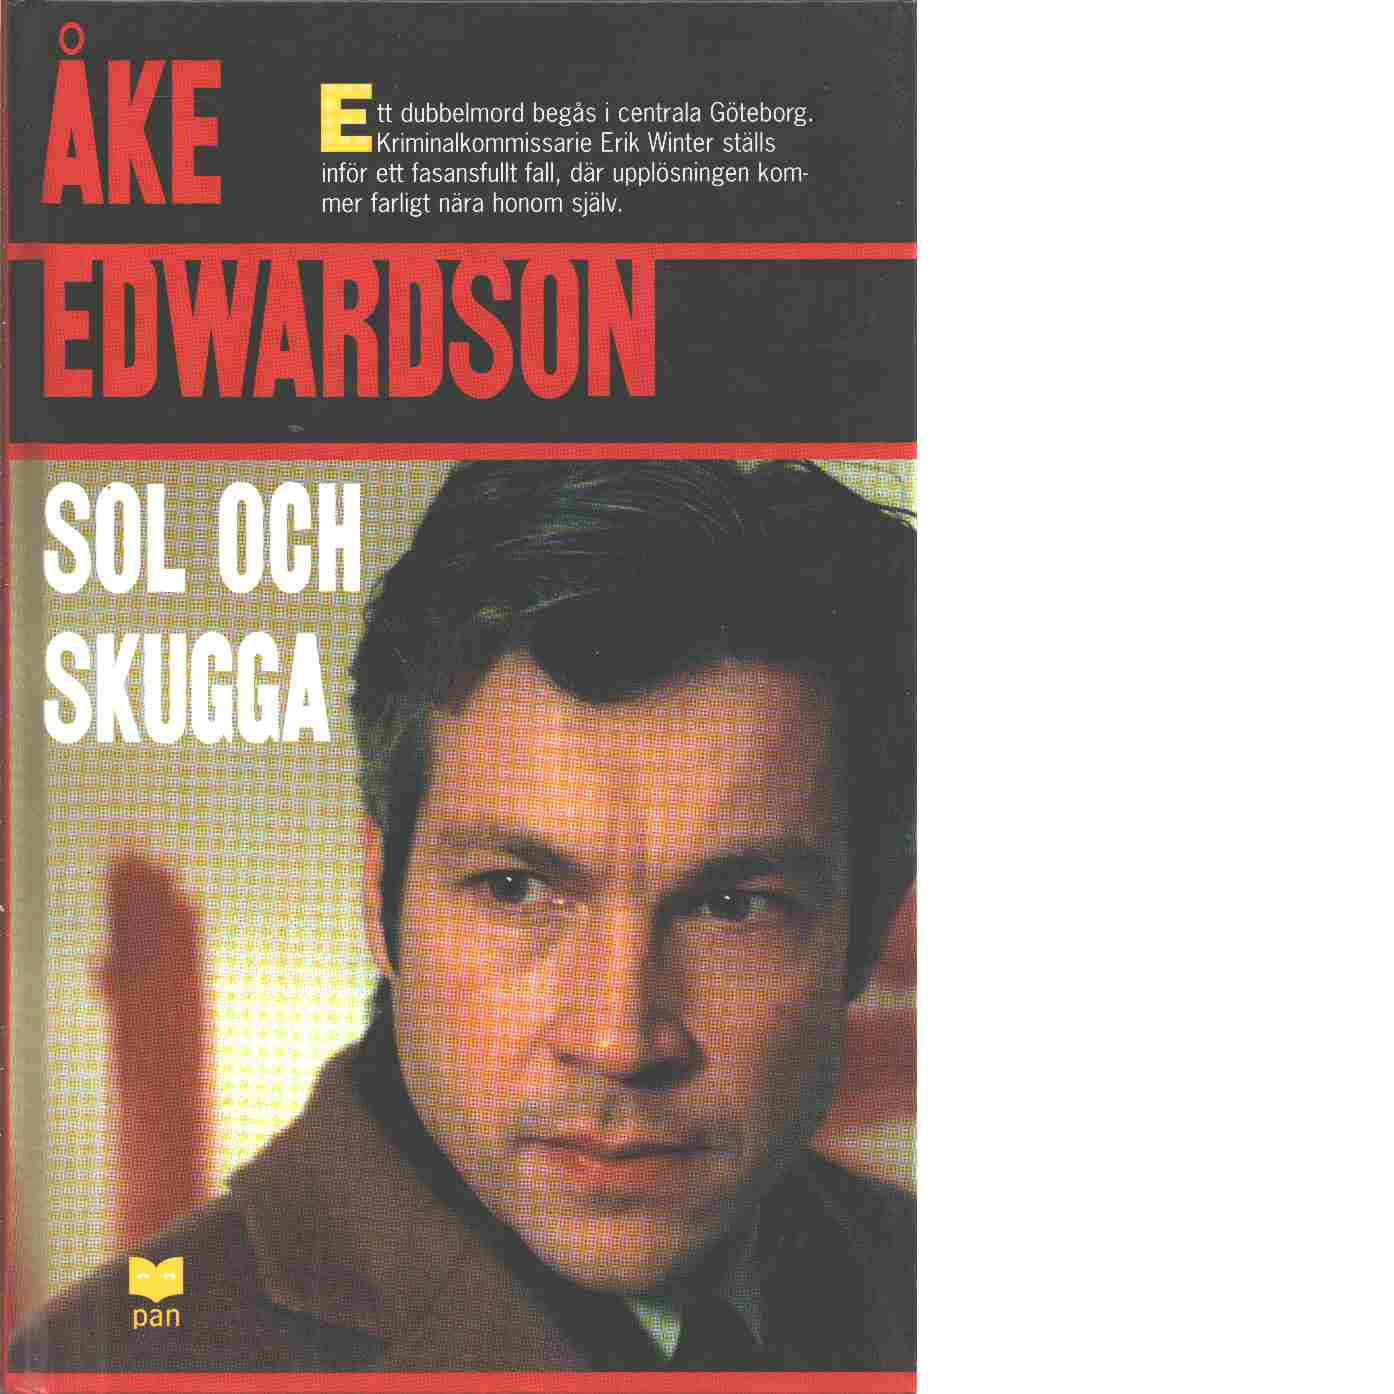 Sol och skugga - Edwardson, Åke